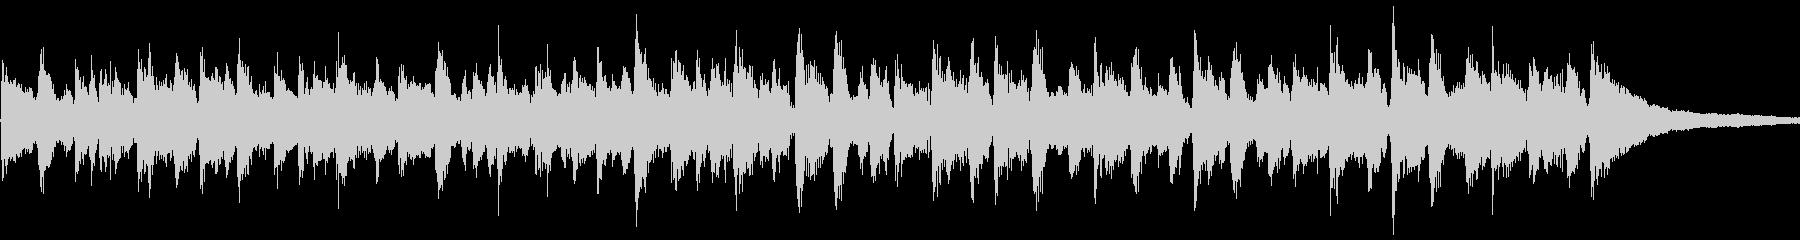 アコーディオンがポップなルンバの未再生の波形